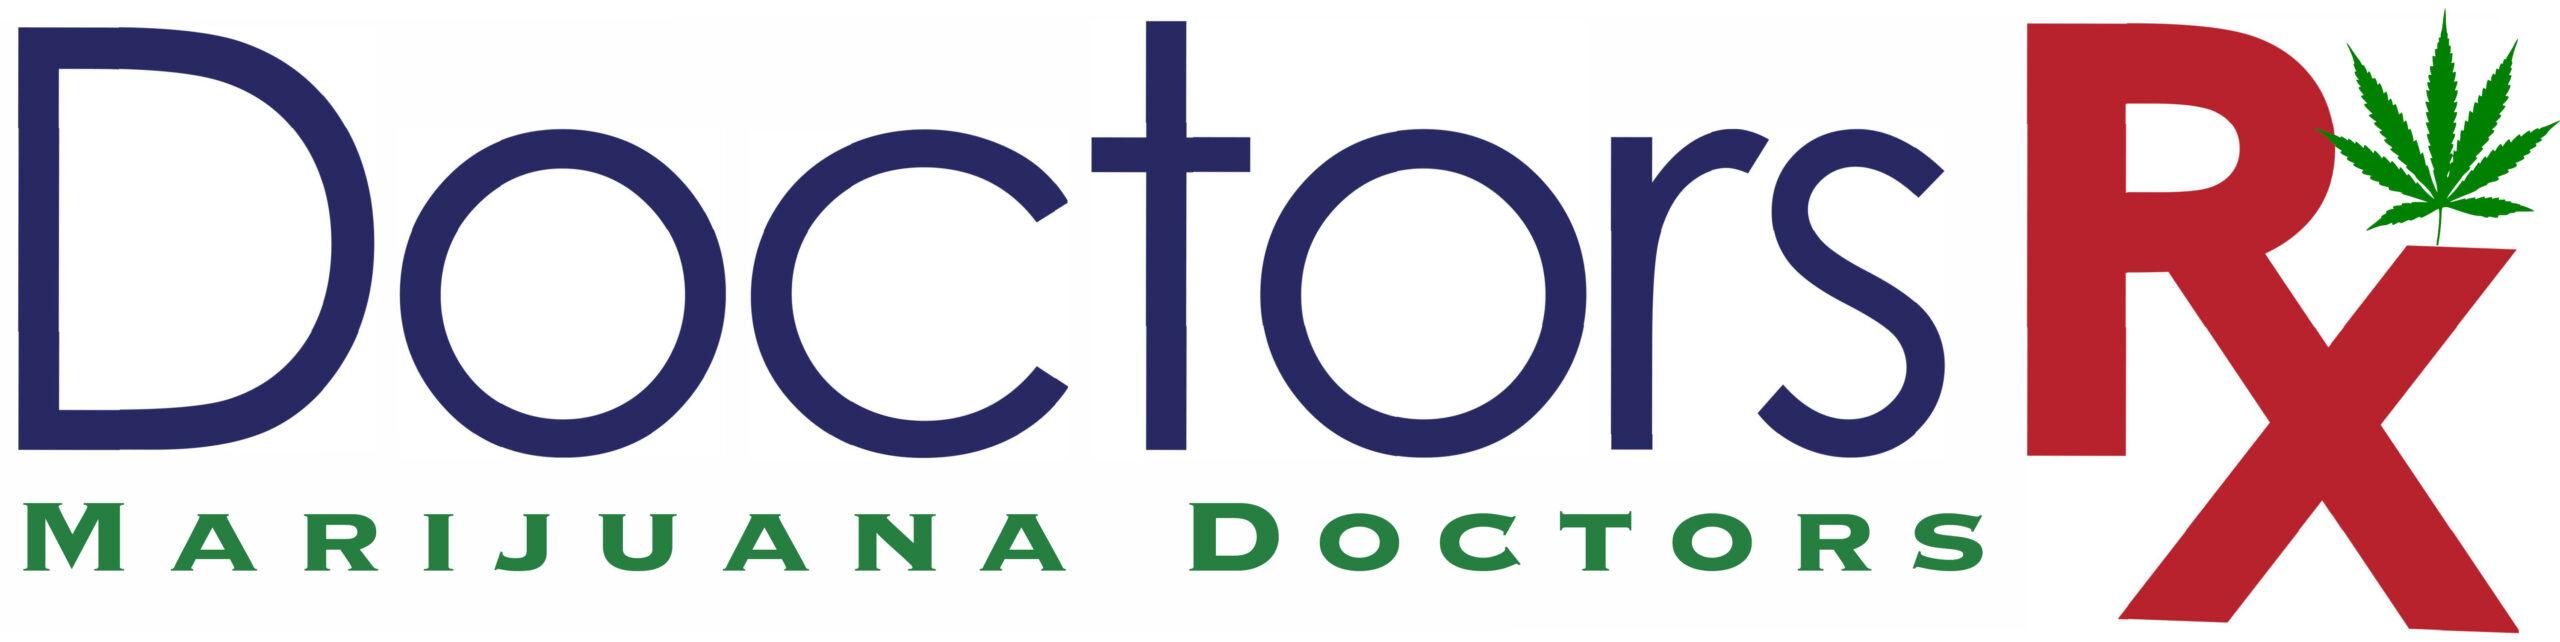 DoctorsRx – Marijuana Doctors